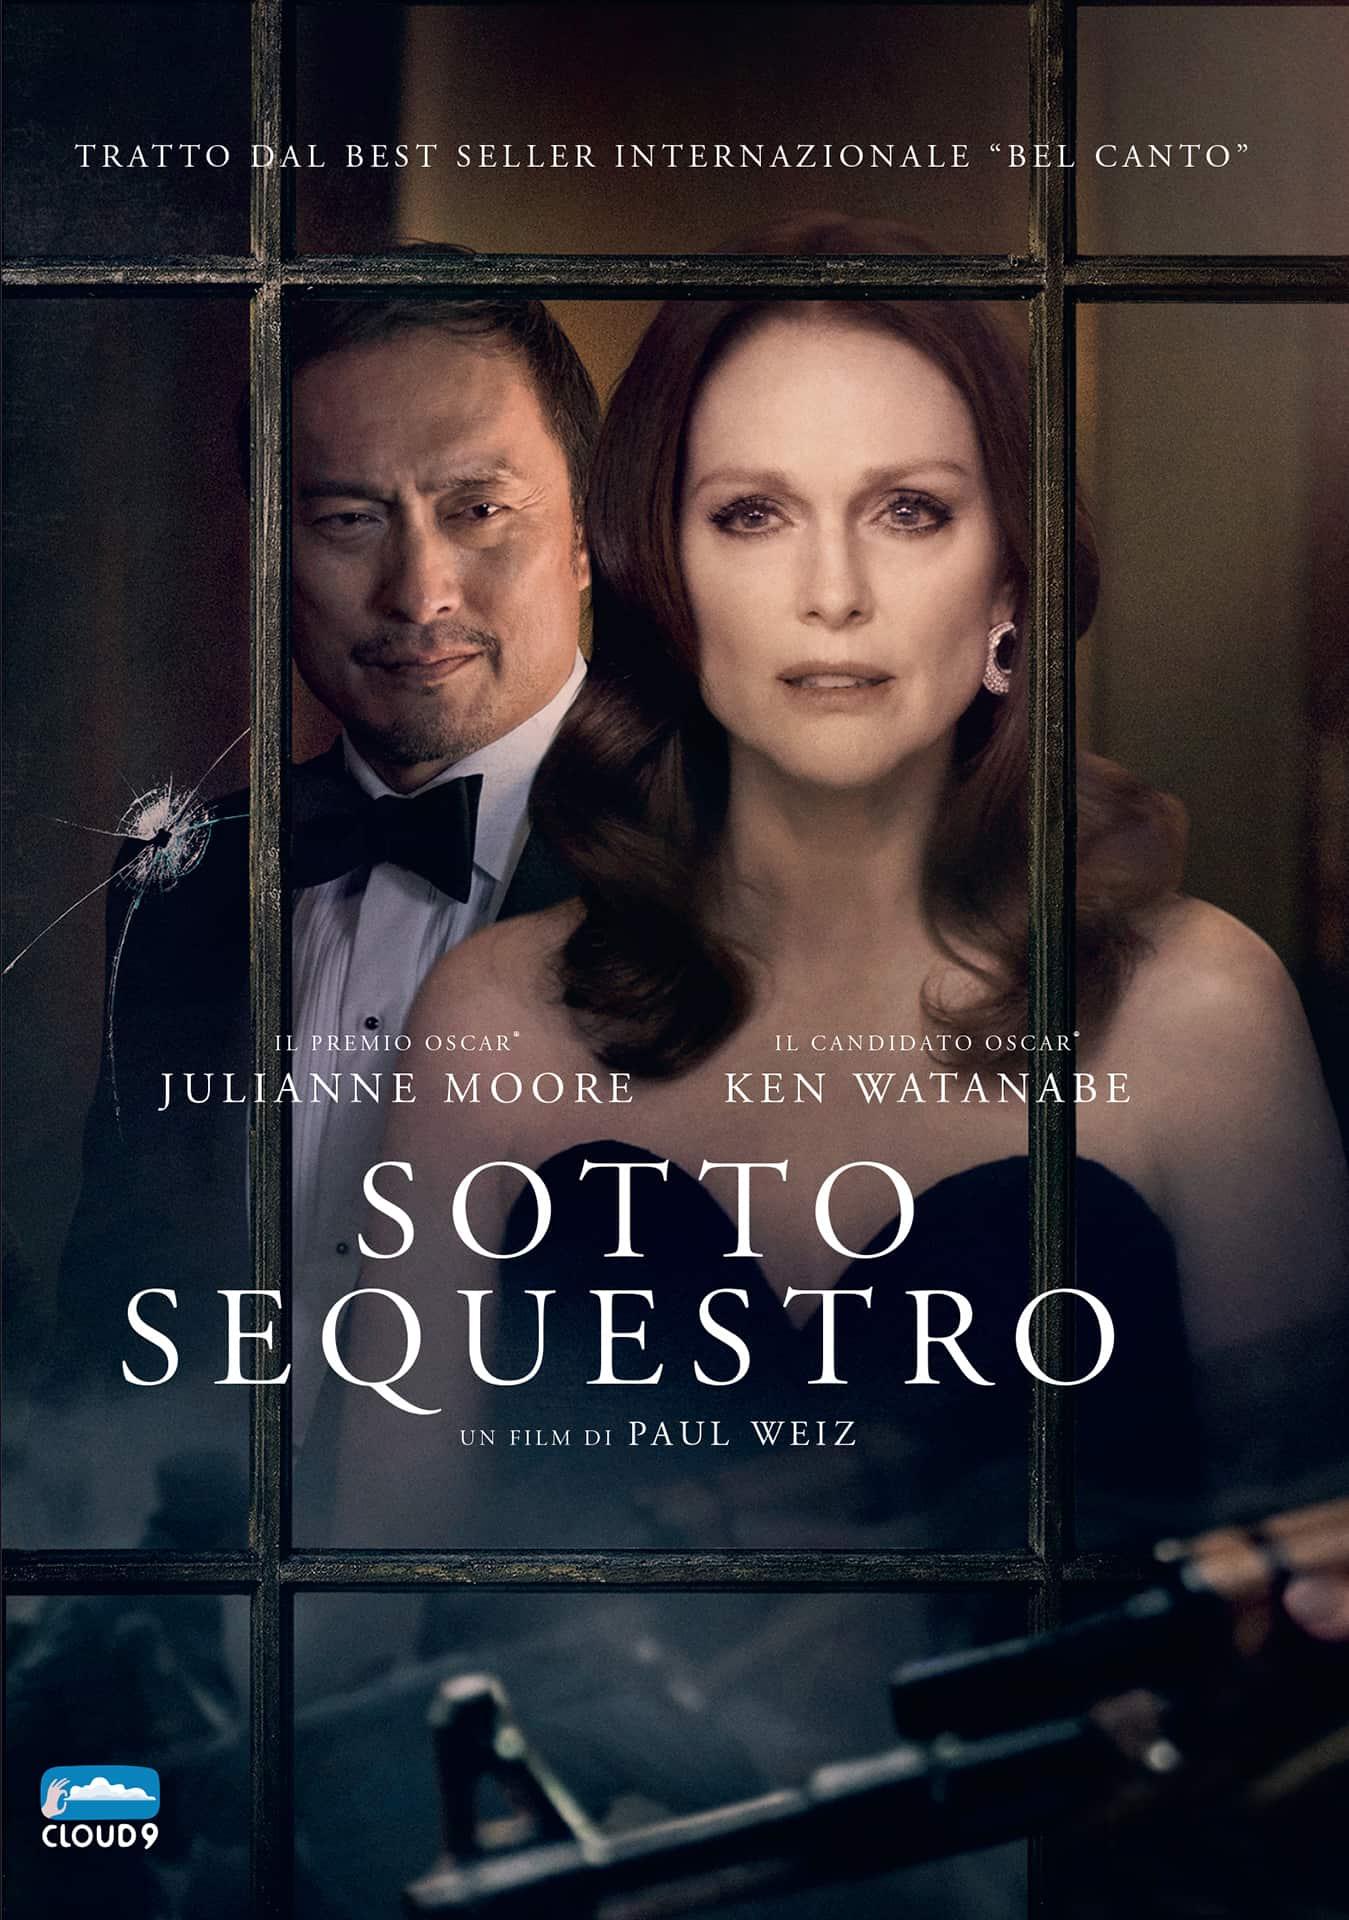 Locandina di Sotto Sequestro con Julianne Moore e Ken Watanabe